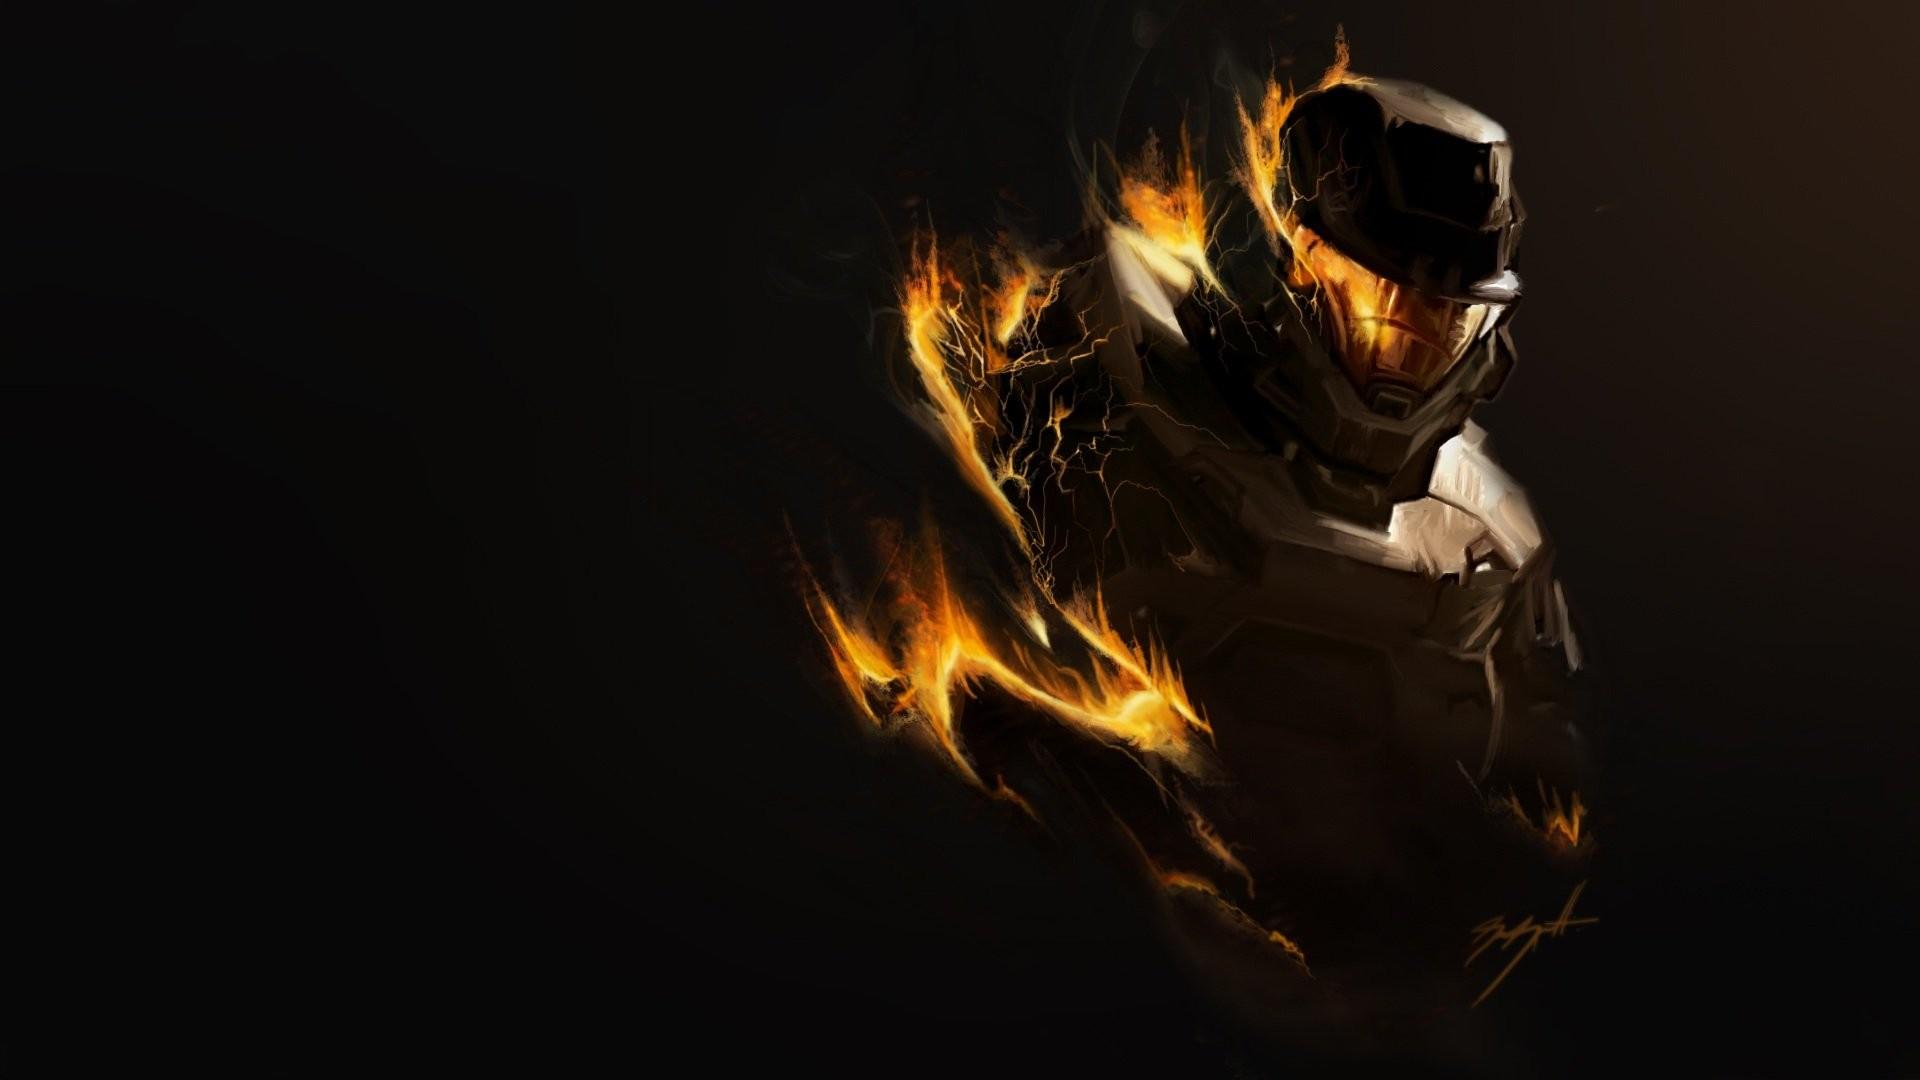 Artwork Halo Reach Spartan Video Games